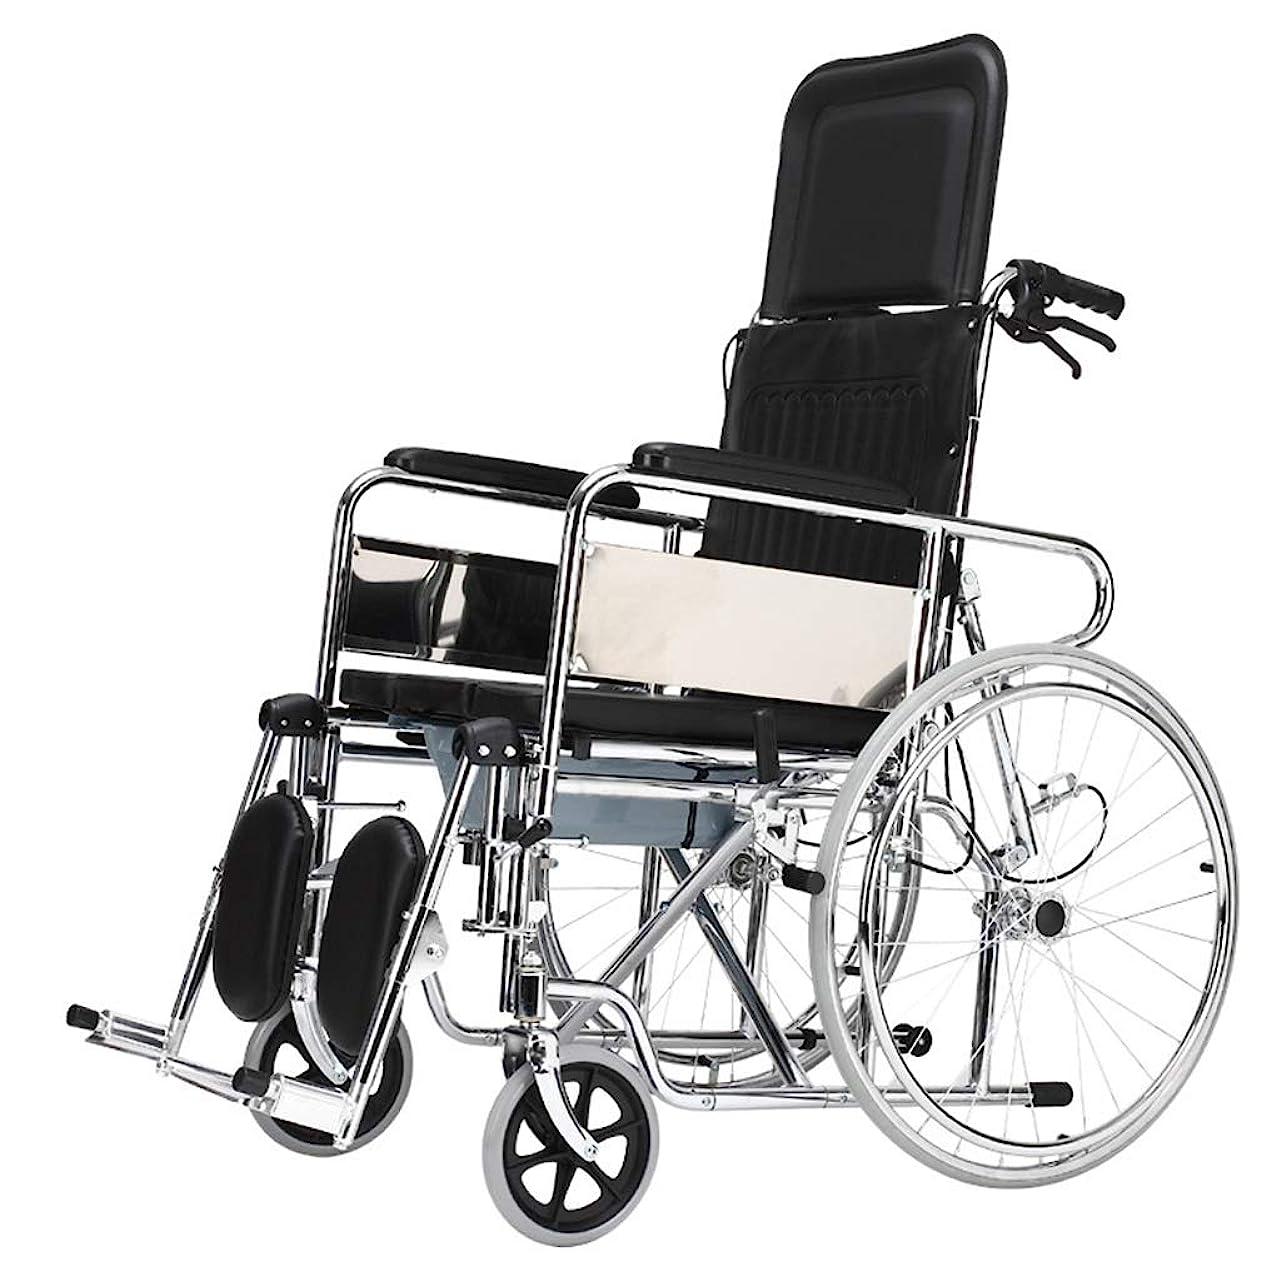 著作権プロフェッショナルバスタブ車椅子トロリー屋外旅行パートナー、多機能フルレイ/セミライニングデザイン、高齢者障害者車椅子